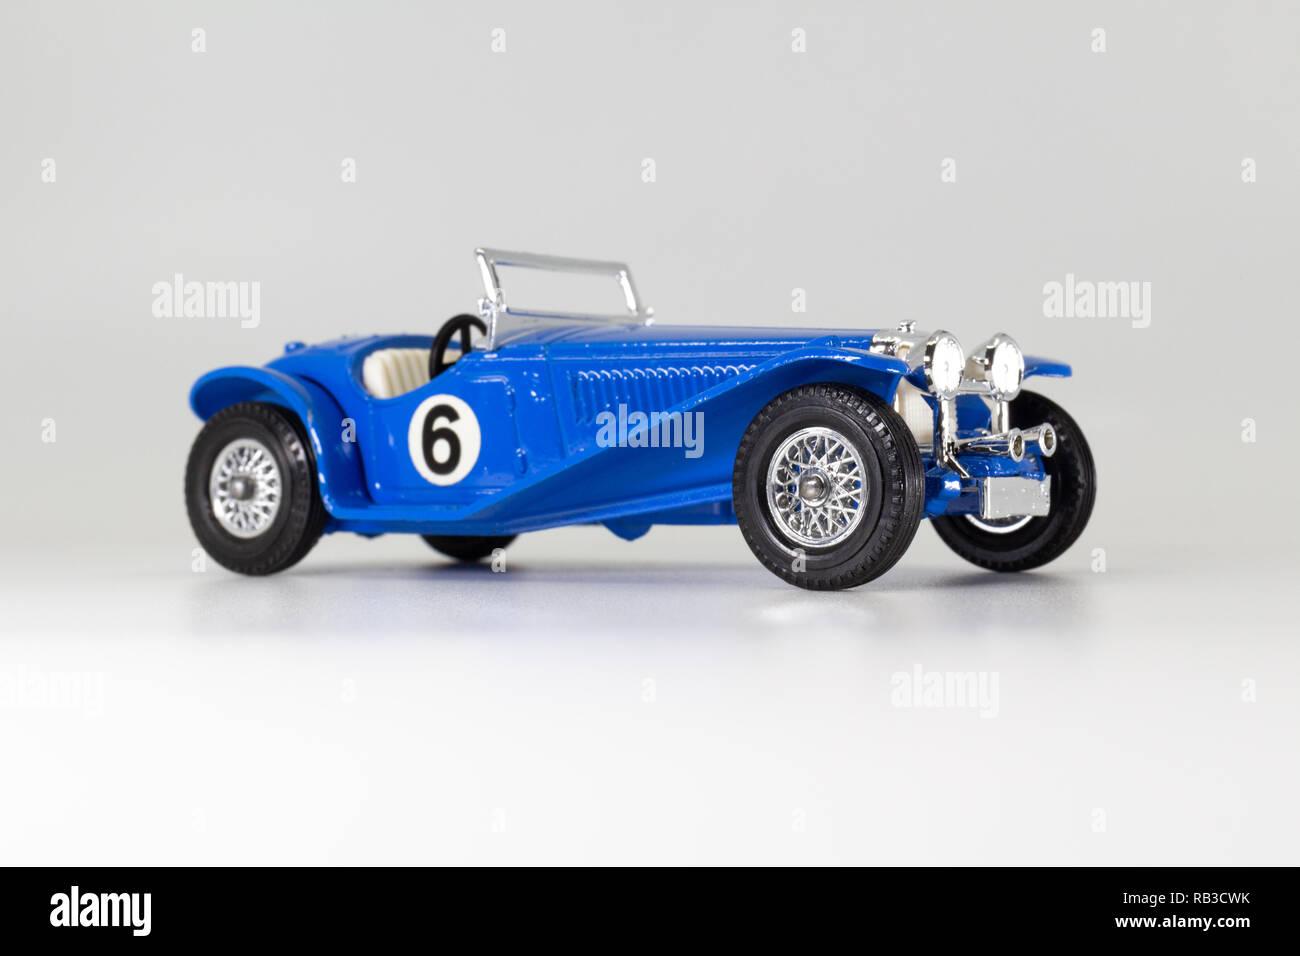 Antikspielzeug Suiza 1938 Matchbox Made In England By Lesney Nr 9 Spielzeug Neueste Kollektion Von Hispano